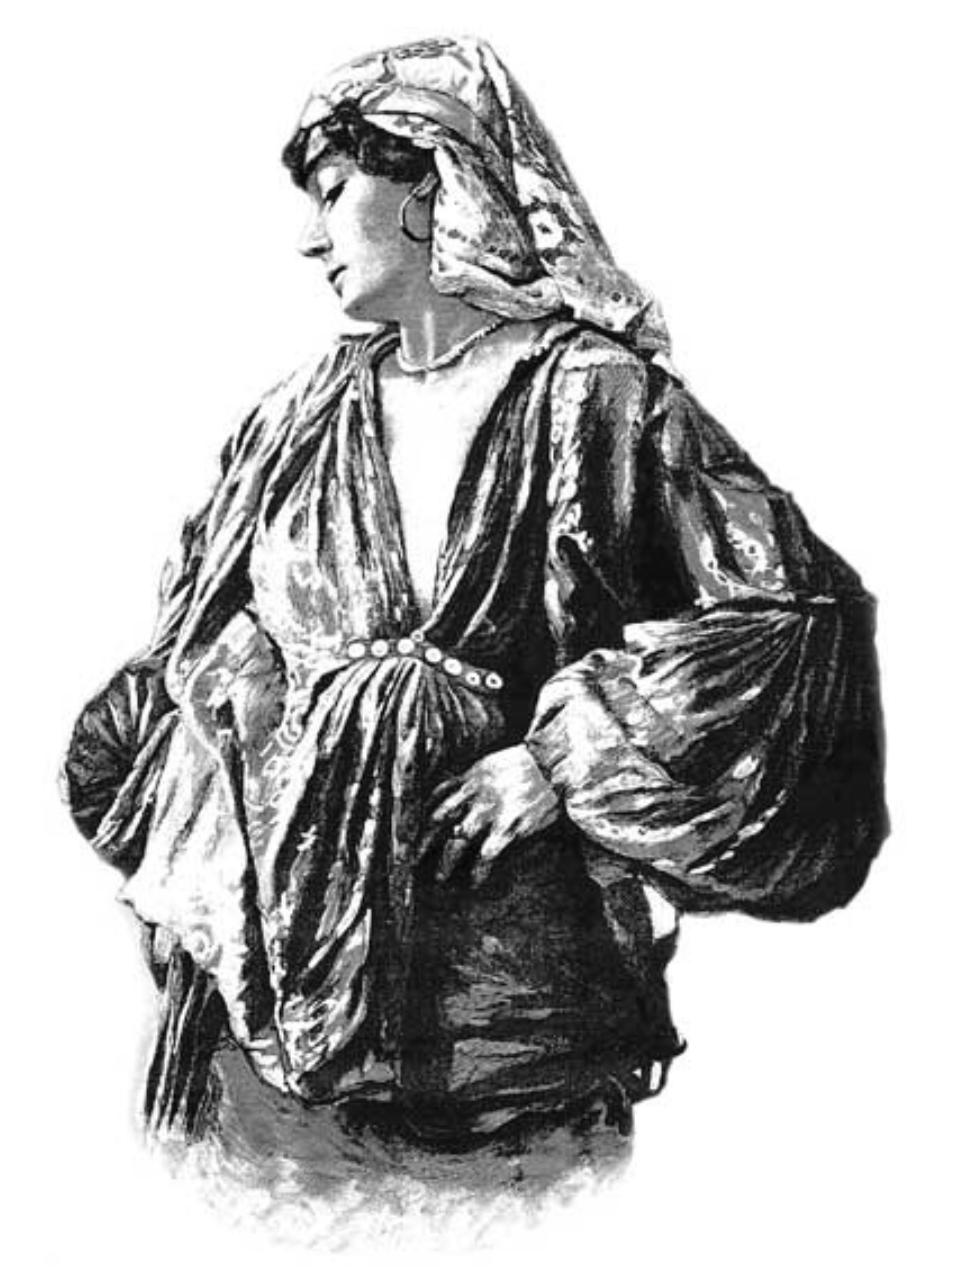 Польская цыганка. С. Масловский. Гравюра, 1892 г.